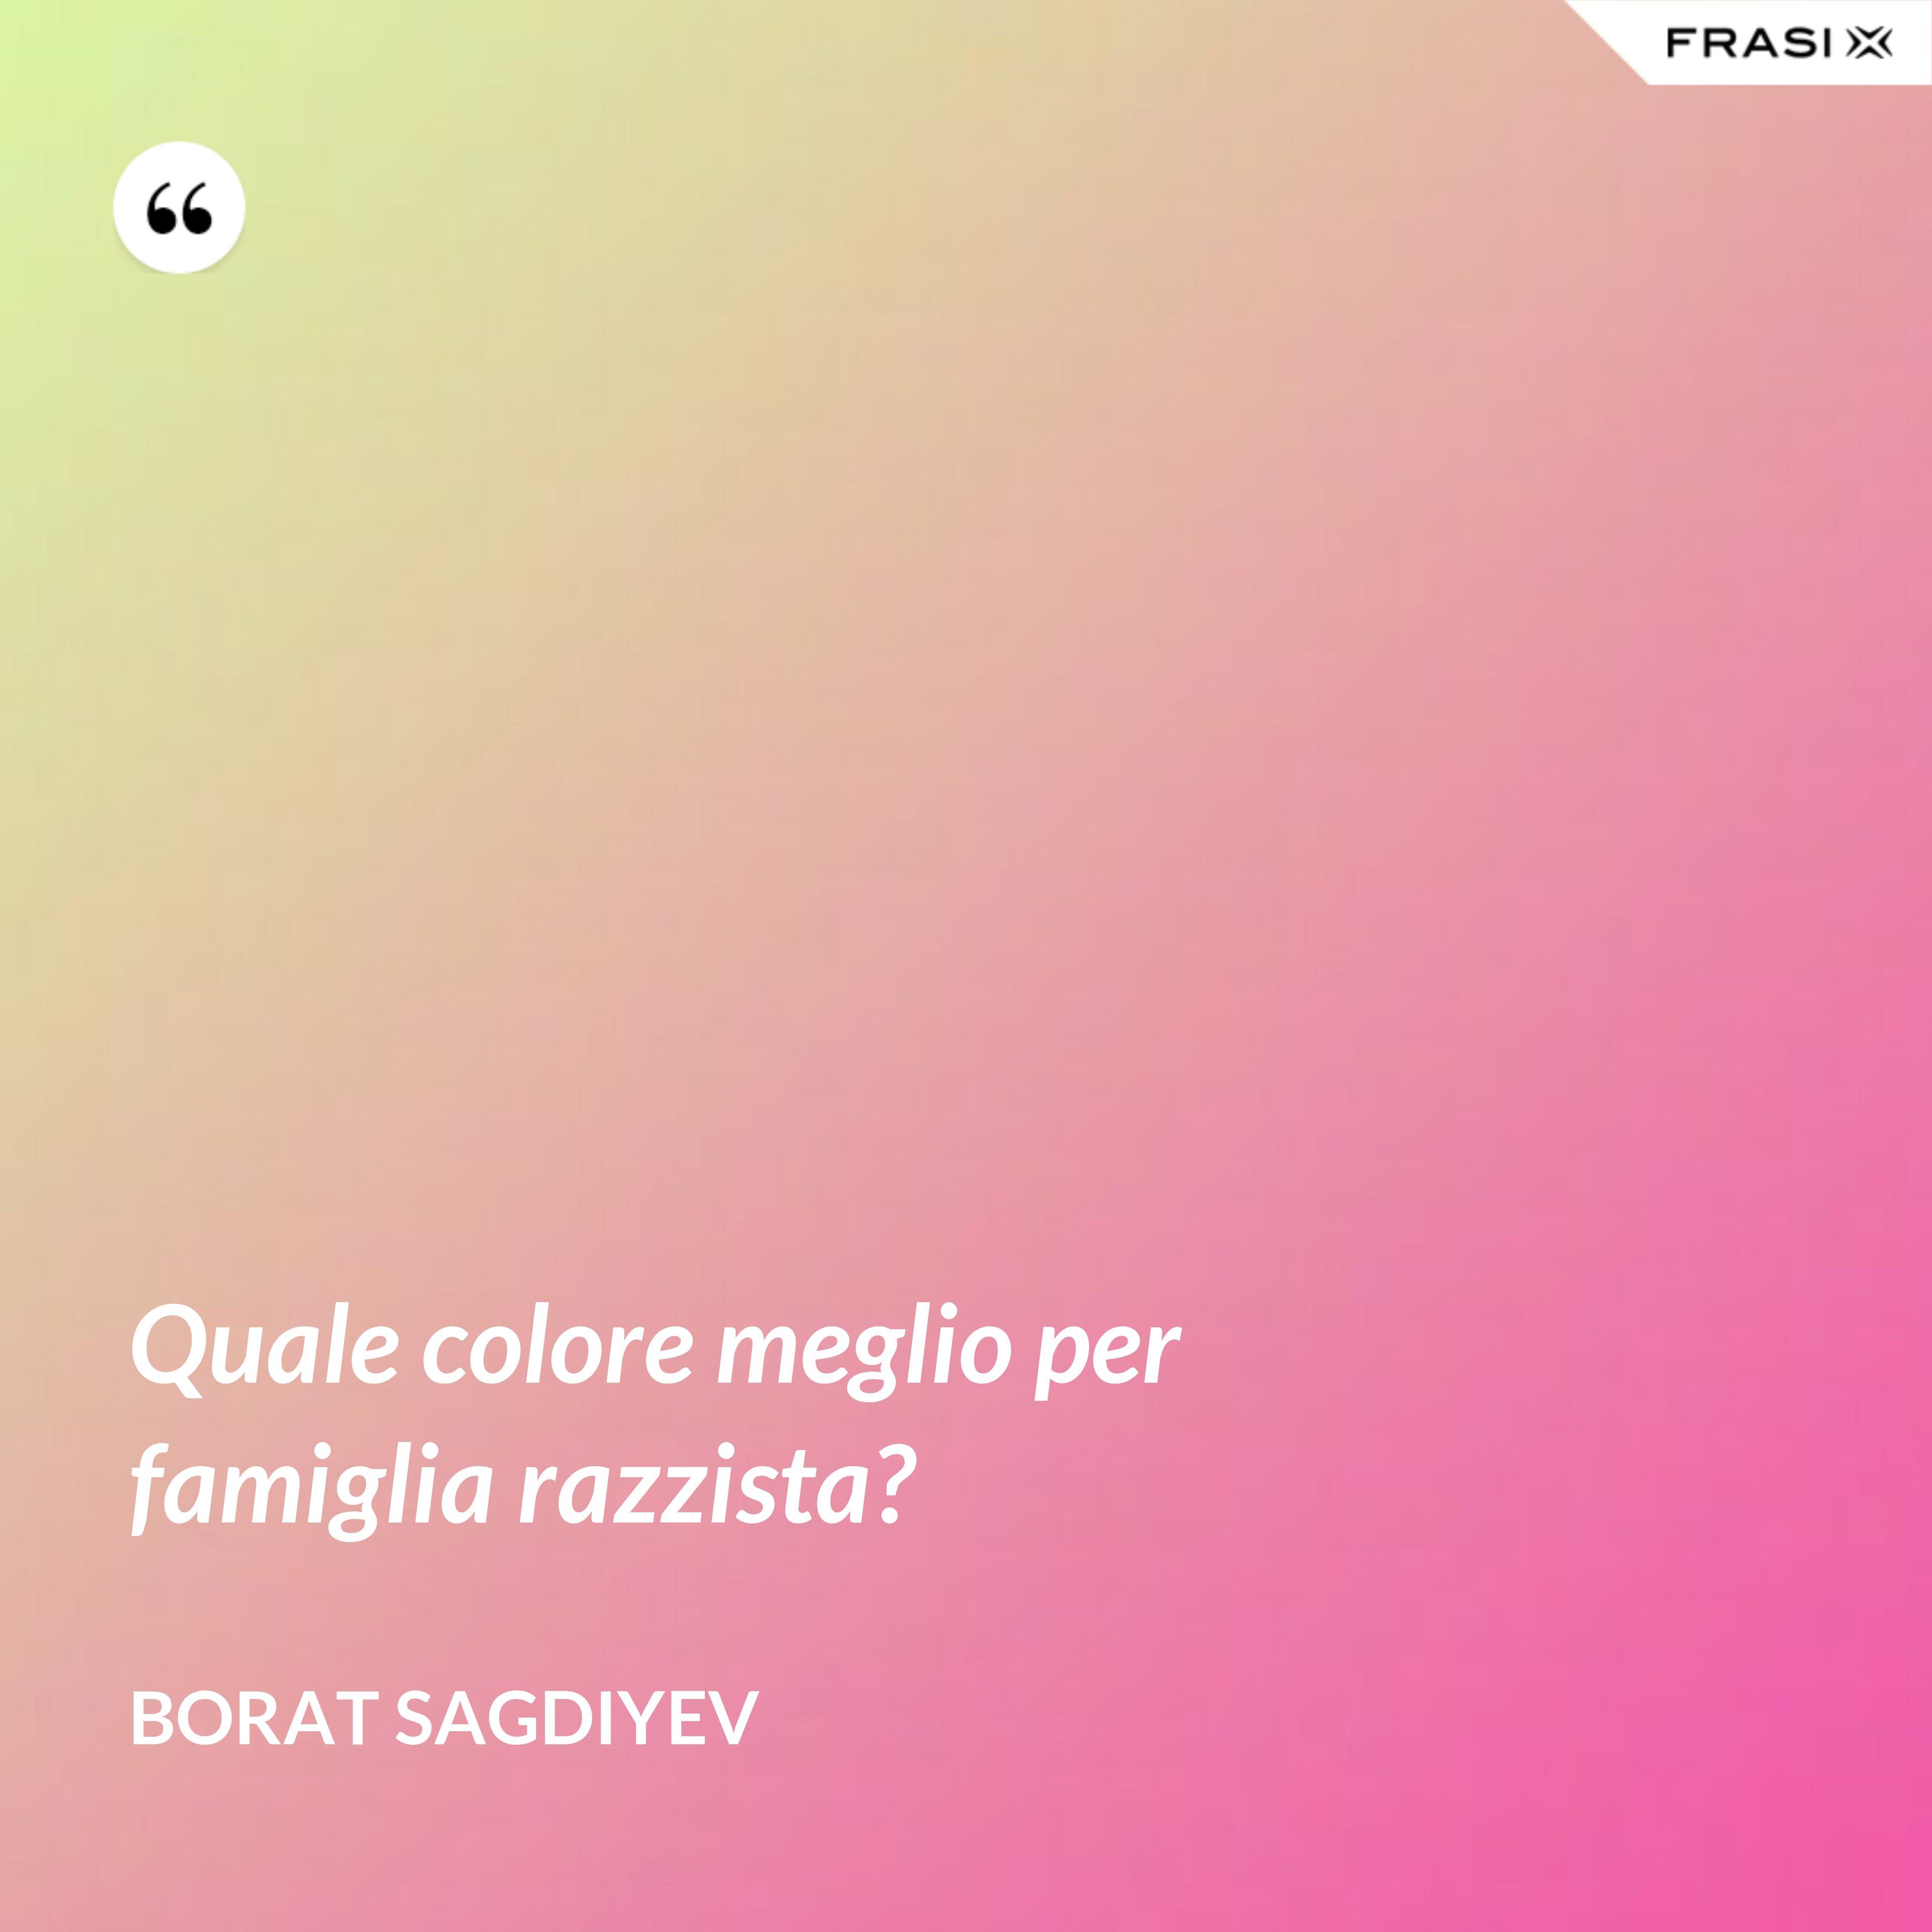 Quale colore meglio per famiglia razzista? - Borat Sagdiyev